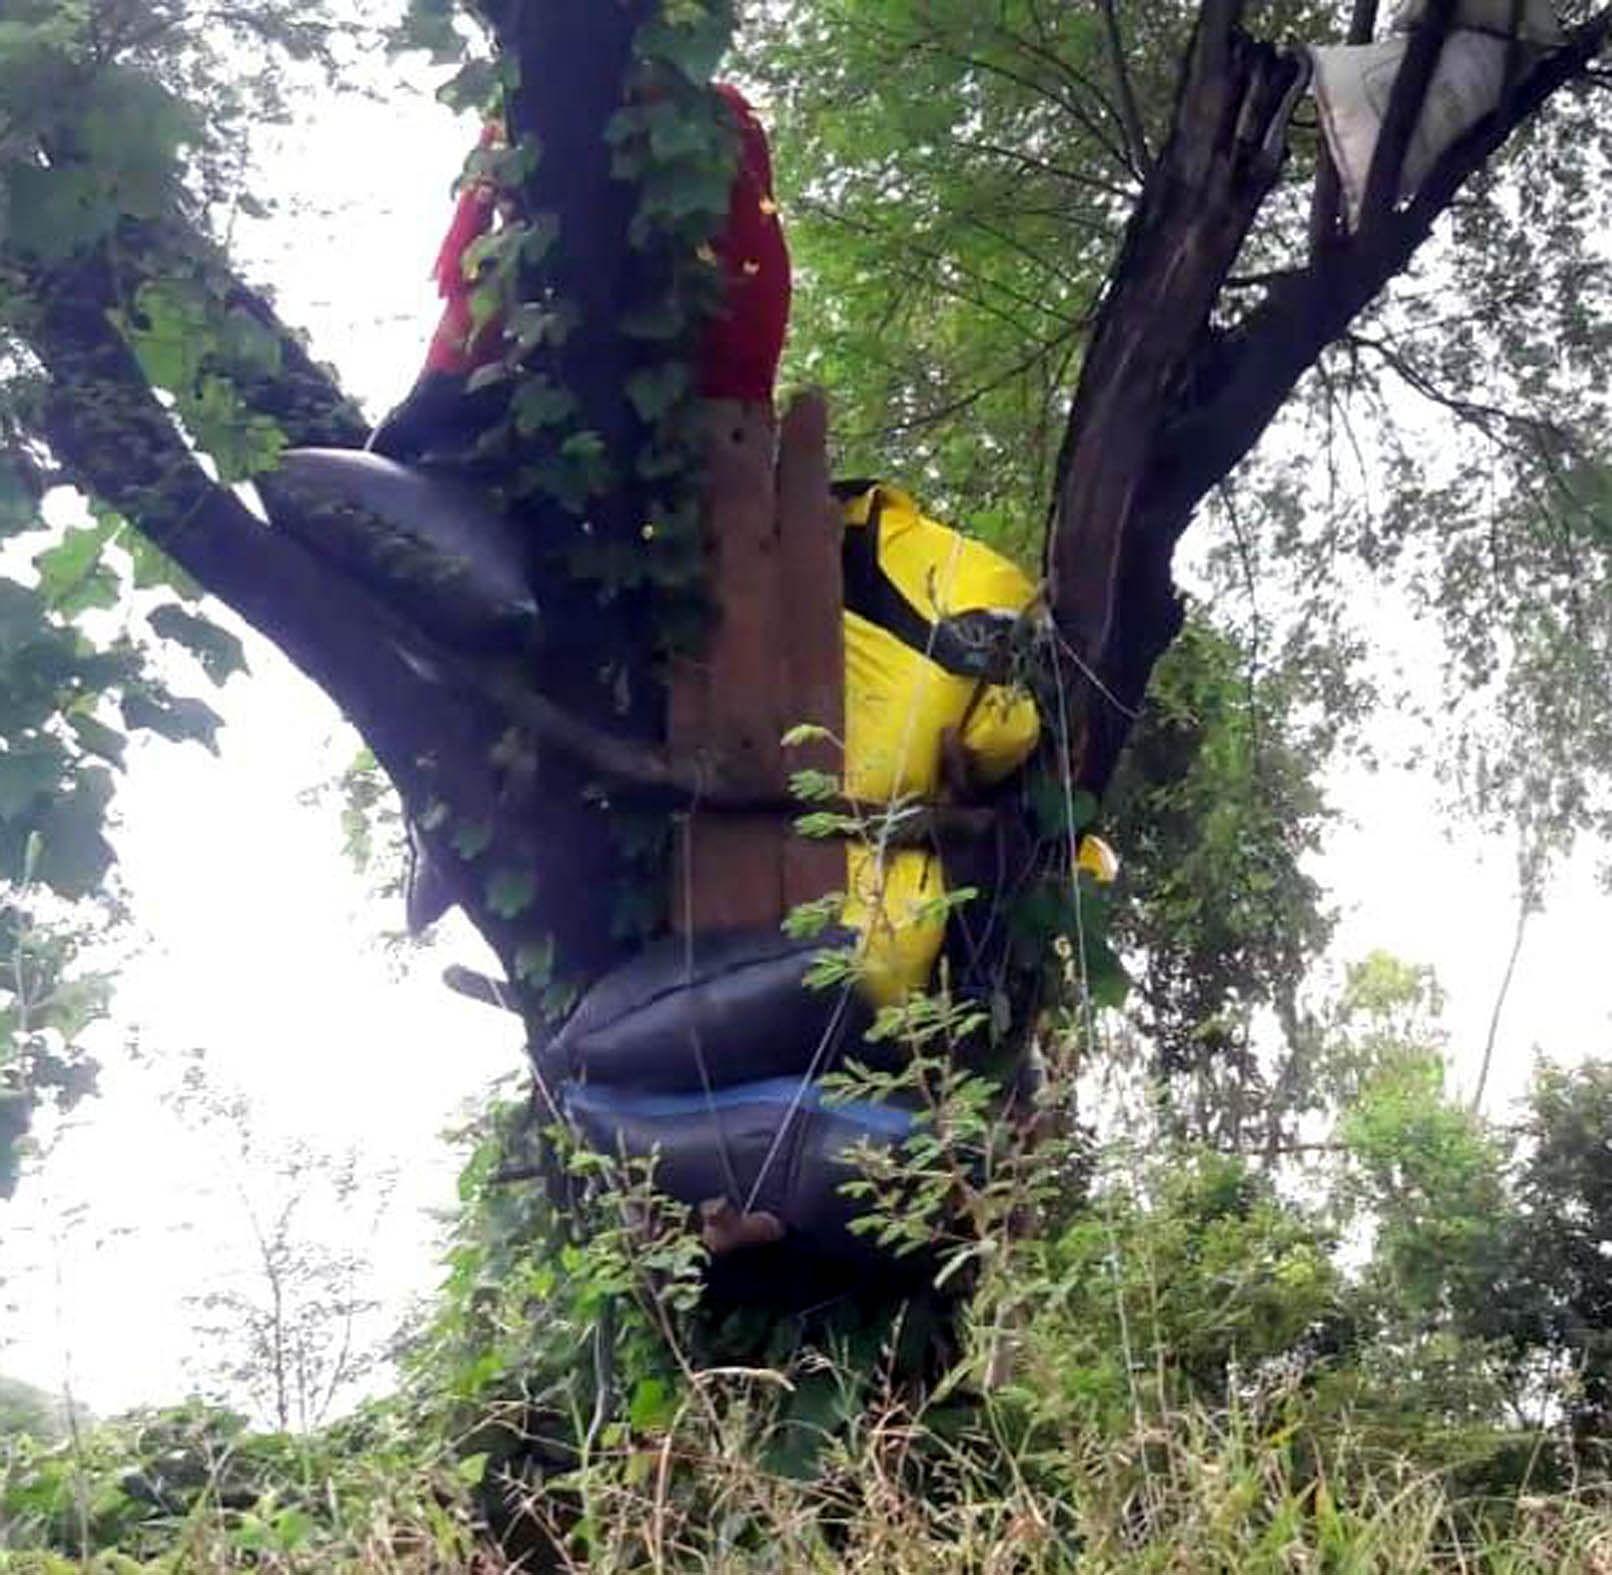 बाढ़ से बचाने के लिए पेड़ पर रखी गई गृहस्थी।